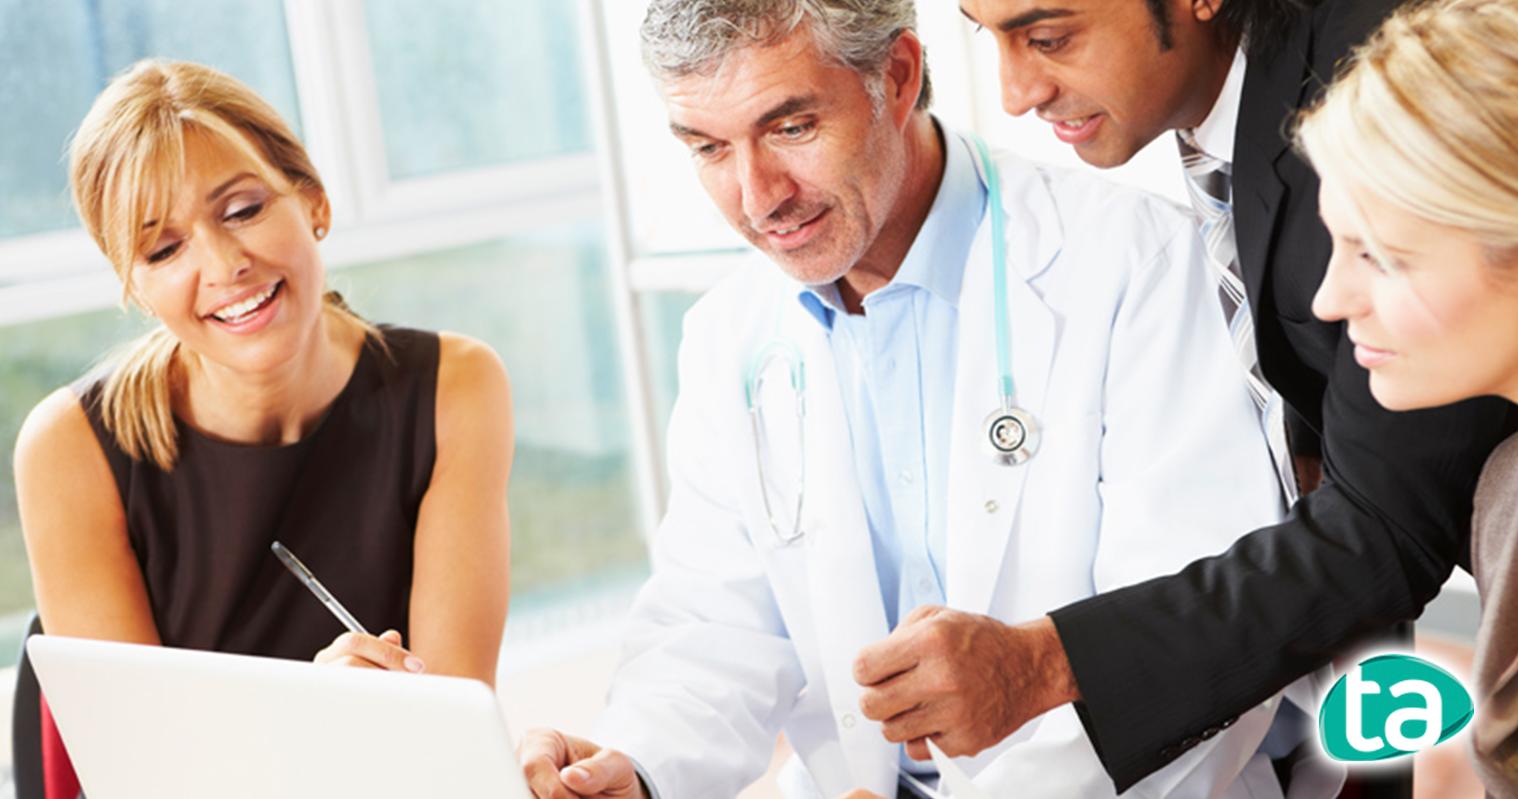 regras de publicidade médica e hospitalar para consultorios e hospitais